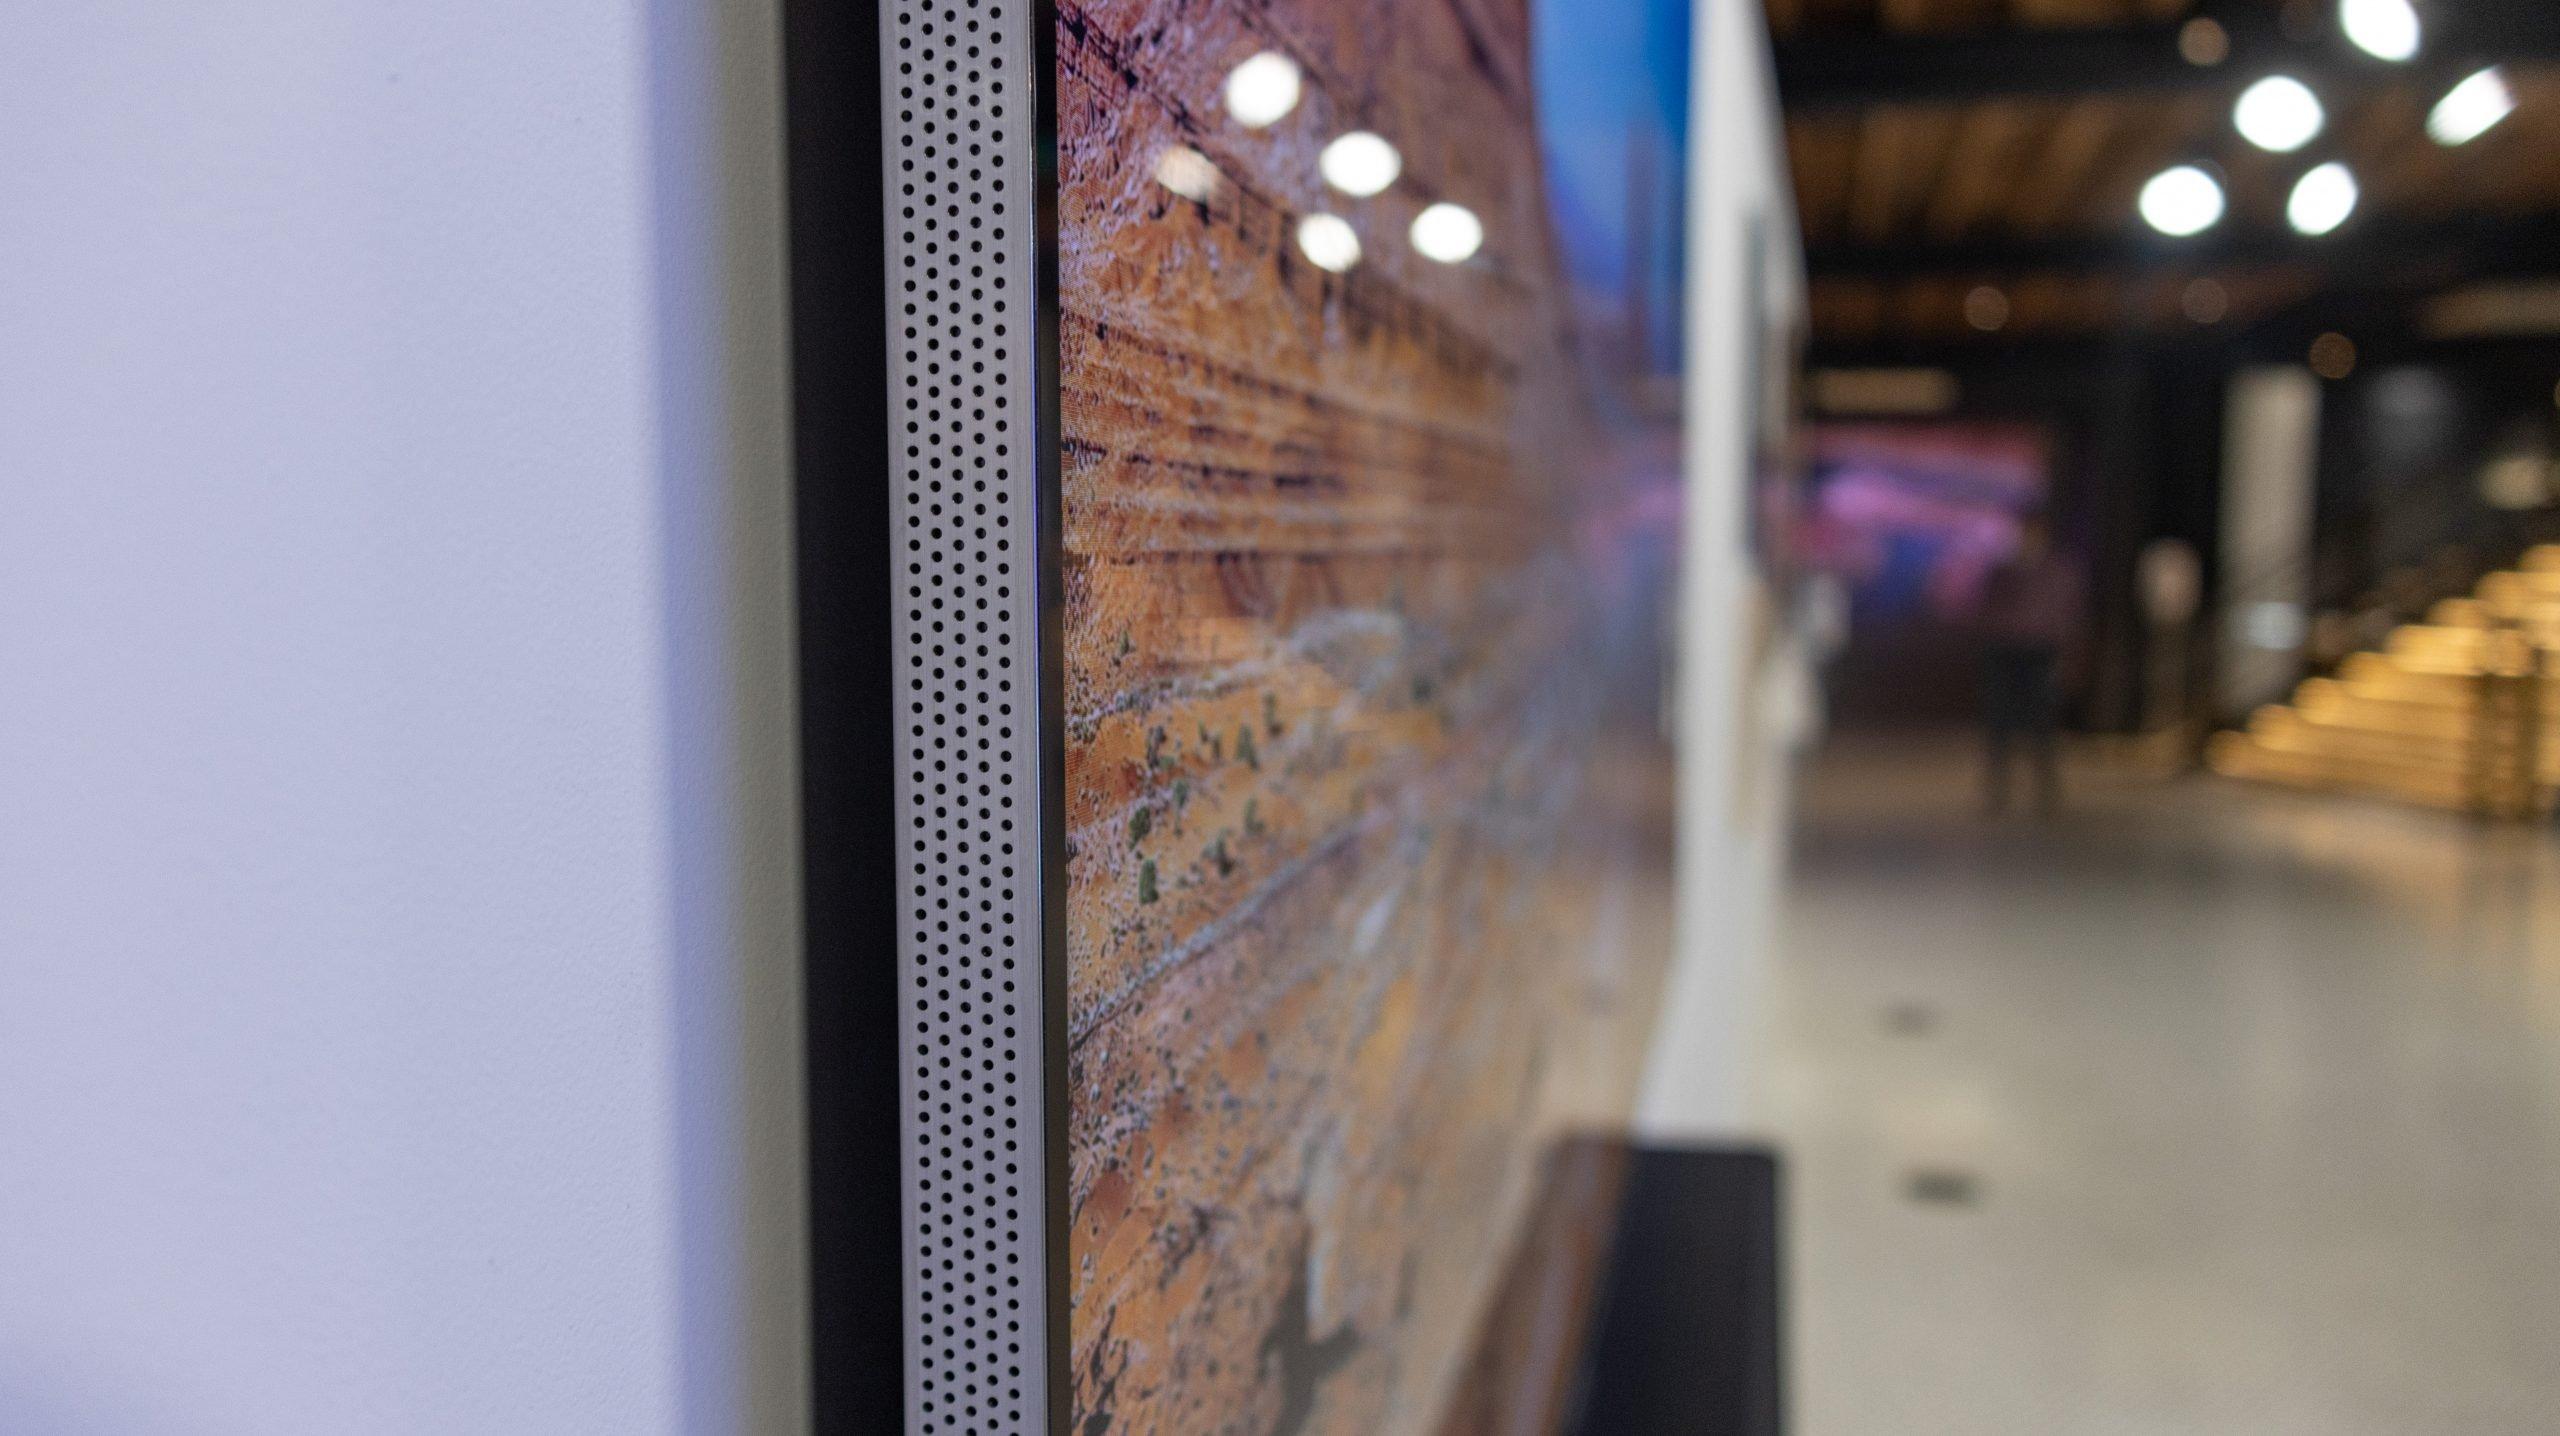 Samsung Neo QN800 QLED 8K TV